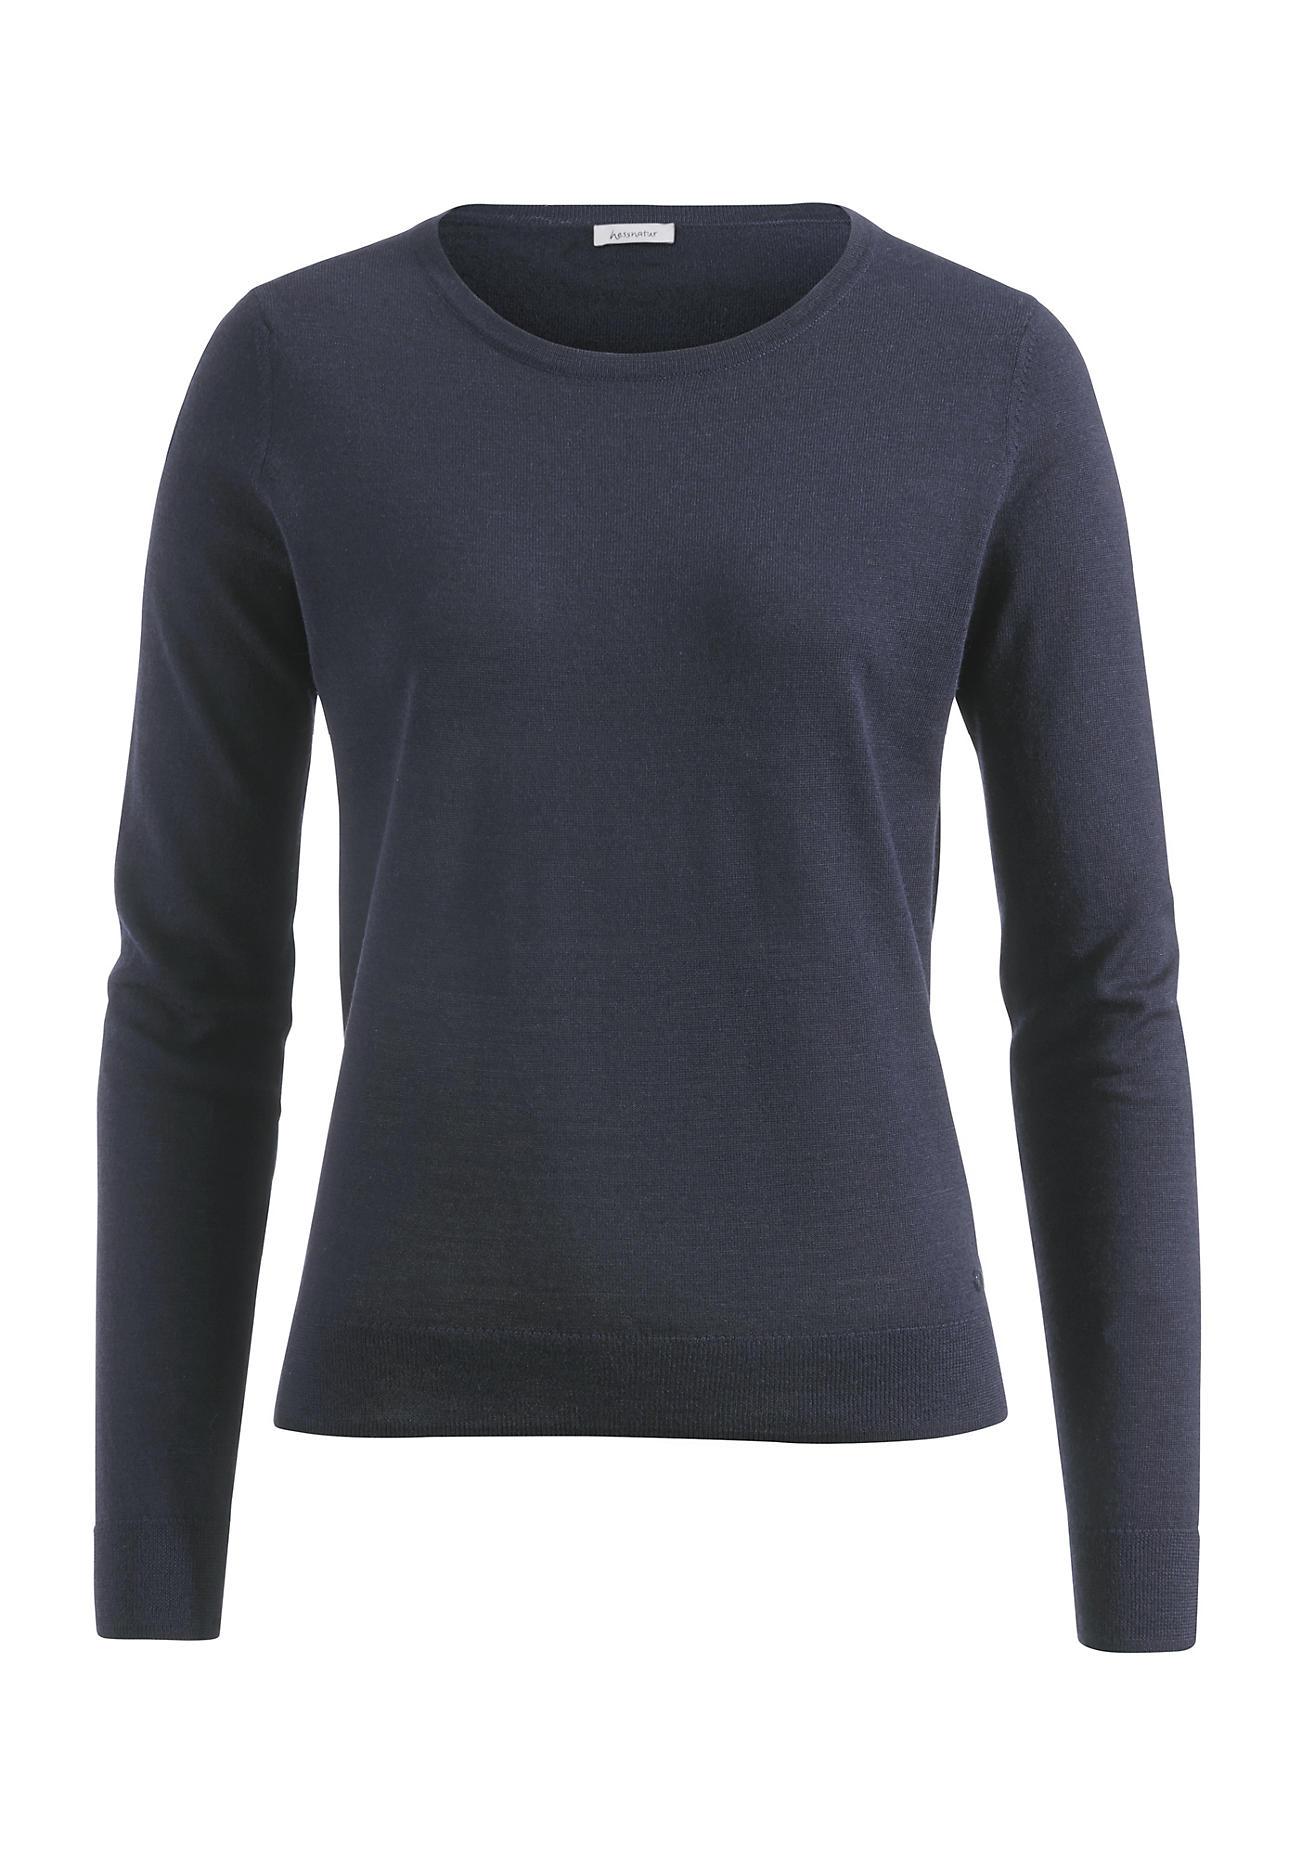 hessnatur Damen Pullover aus Bio-Schurwolle – blau – Größe 34